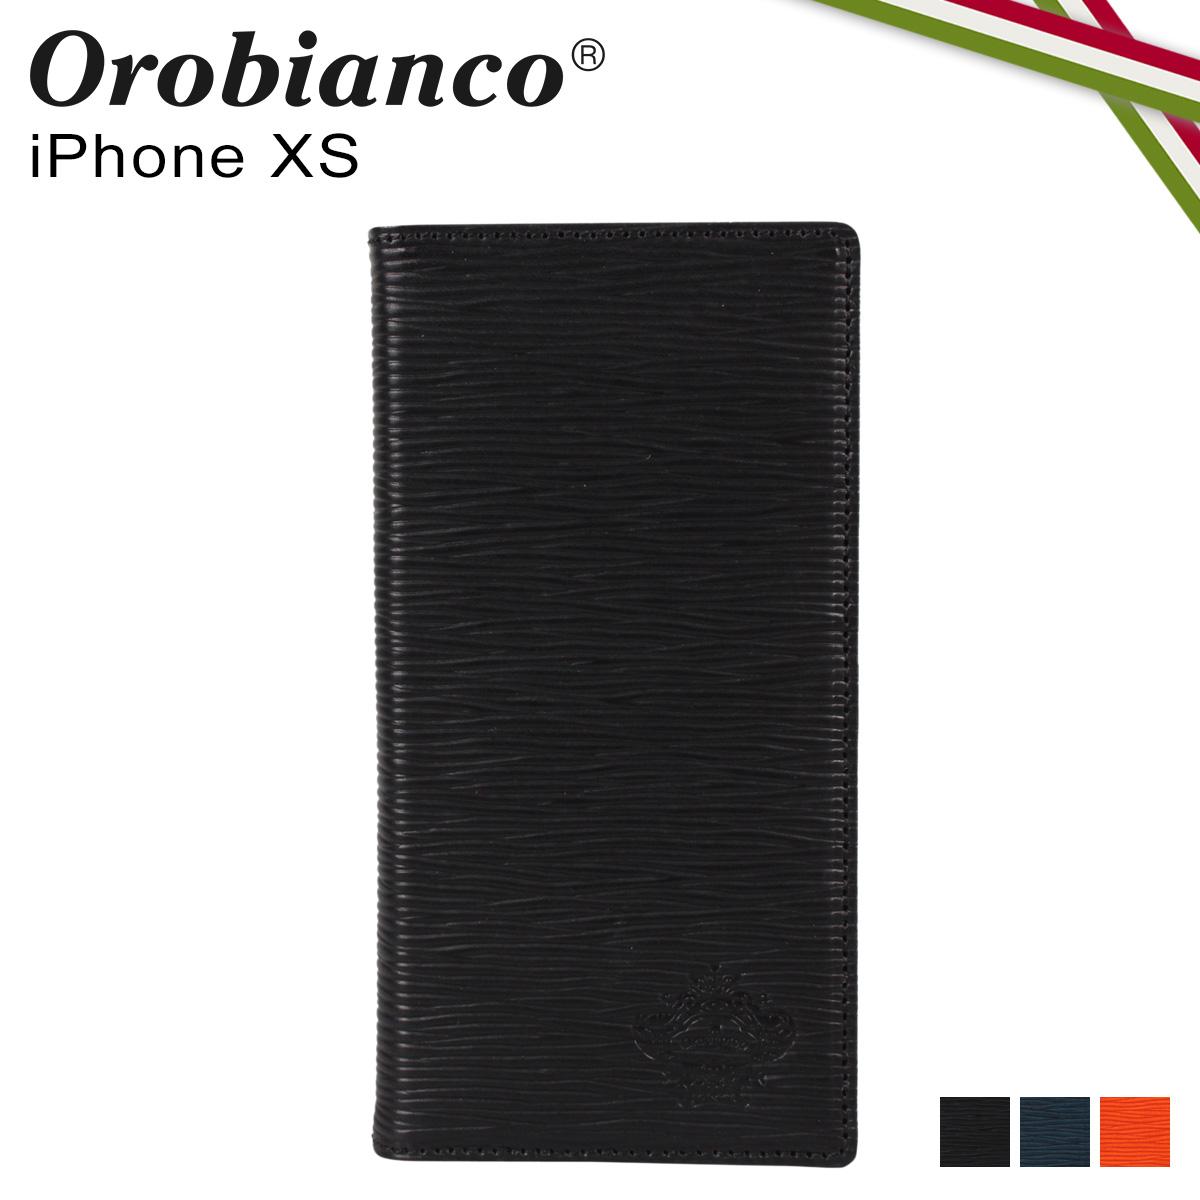 Orobianco オロビアンコ iPhoneXS ケース スマホ 携帯 手帳型 アイフォン メンズ レディース ONDA BOOK TYPE SMARTPHONE CASE ブラック ネイビー オレンジ 黒 ORIP-0006XS